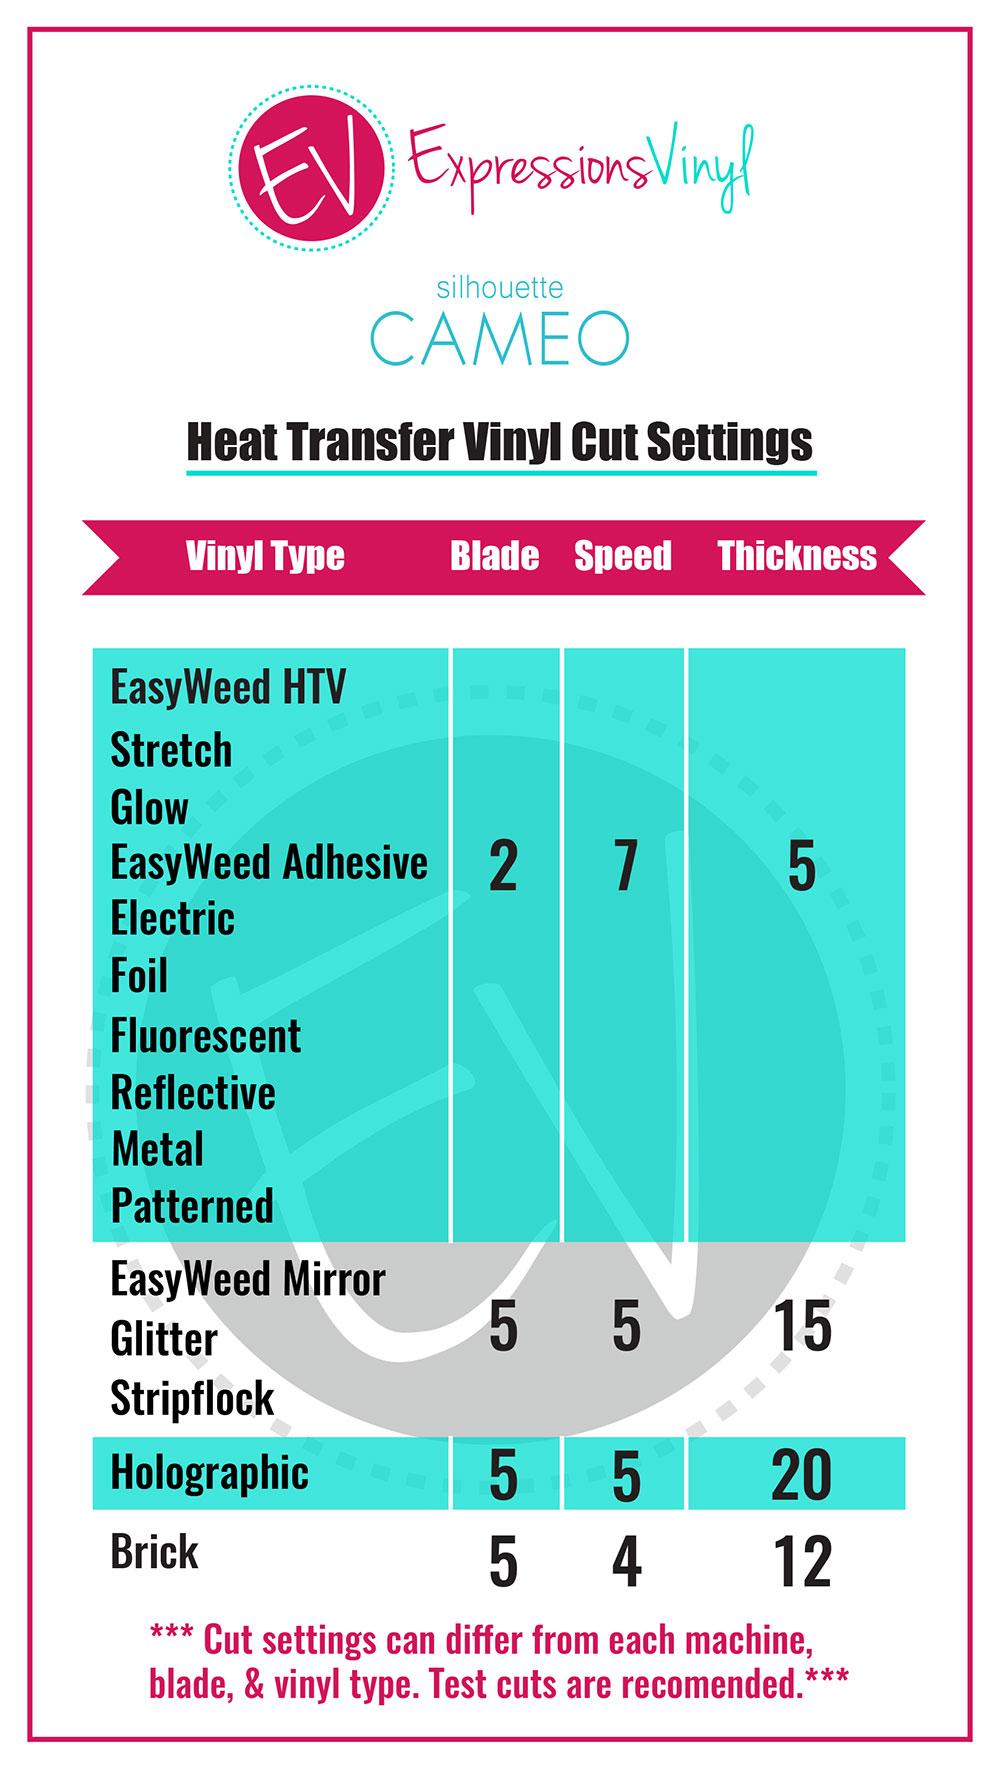 Silhouette Cameo Heat Transfer Vinyl Cut Settings Chart